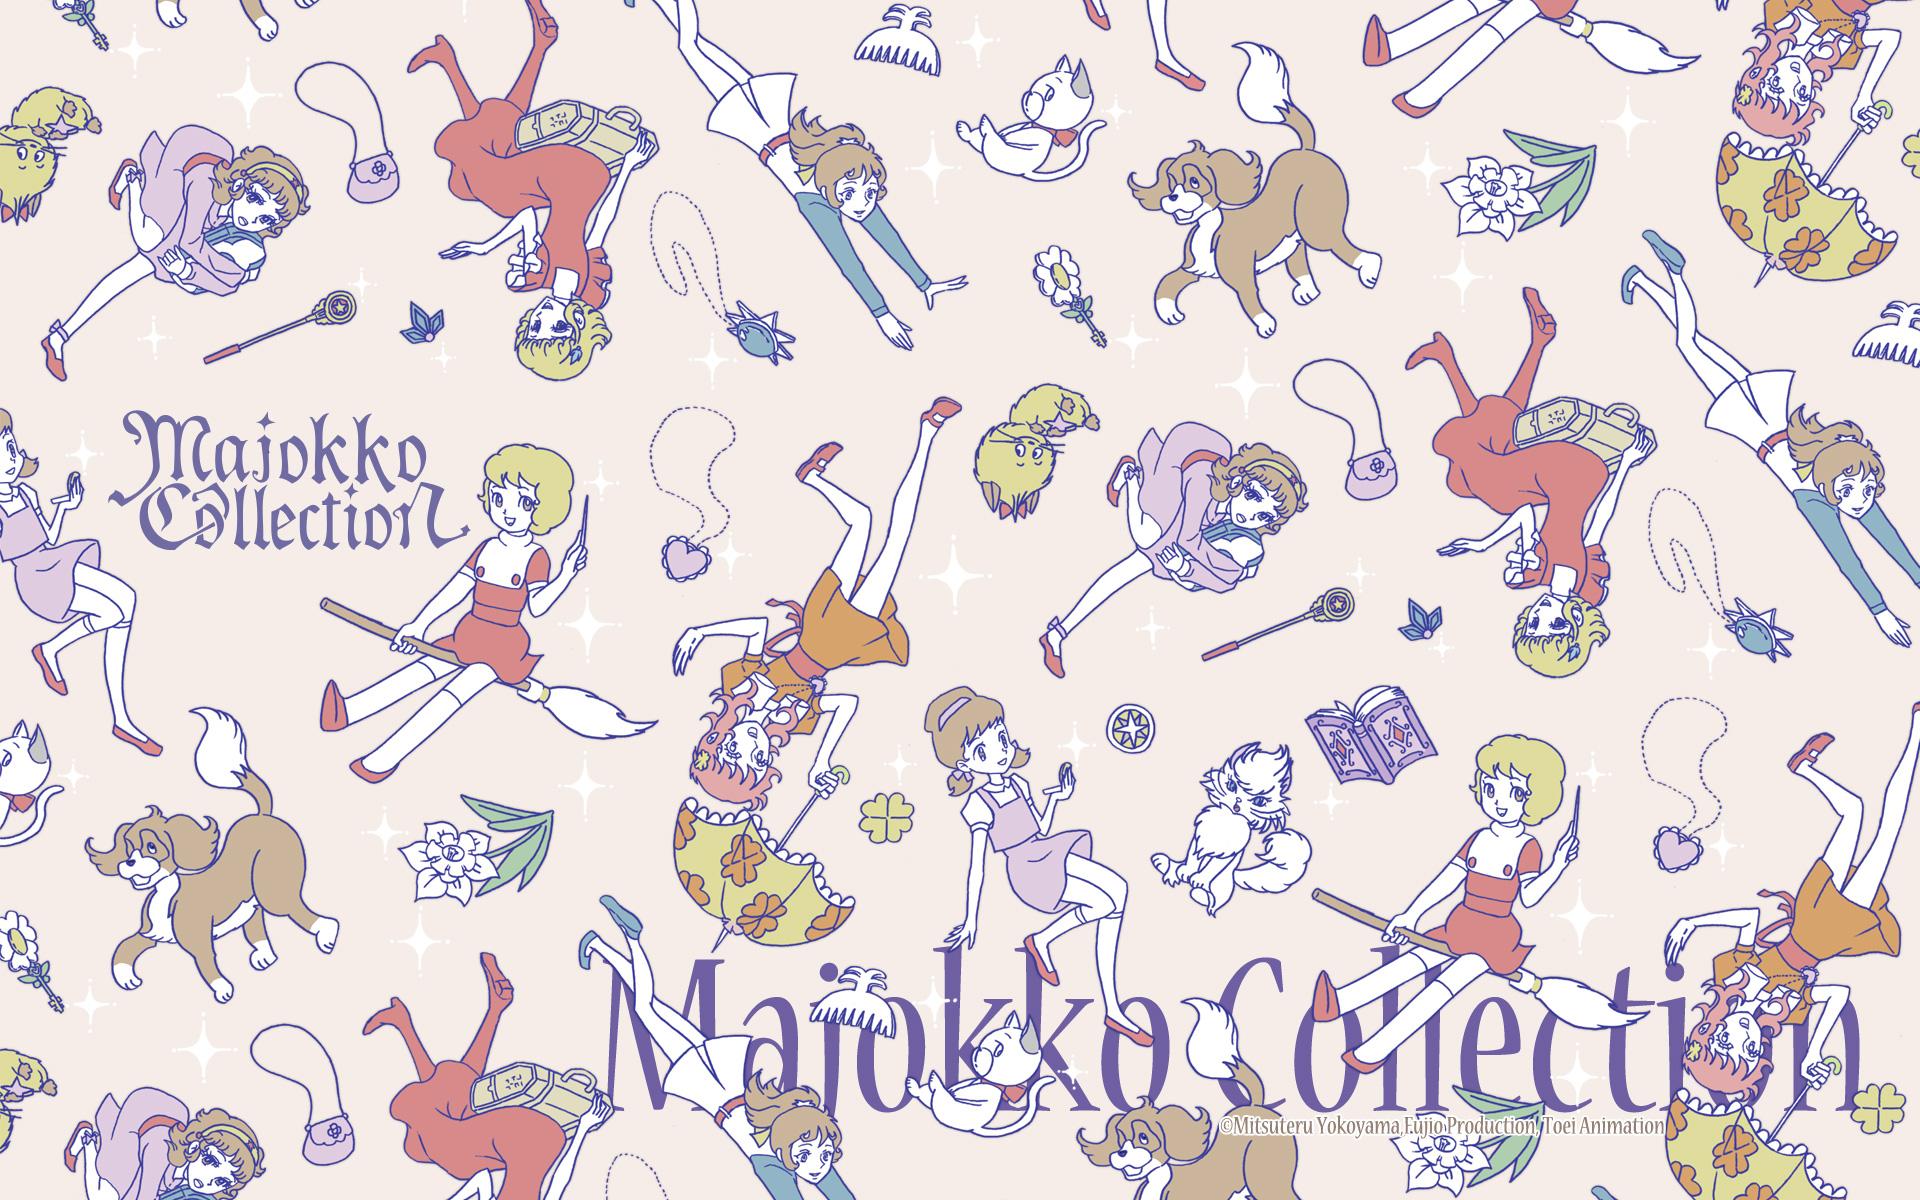 Majokko Collection 魔女っ子コレクション 公式サイト 東映アニメーション